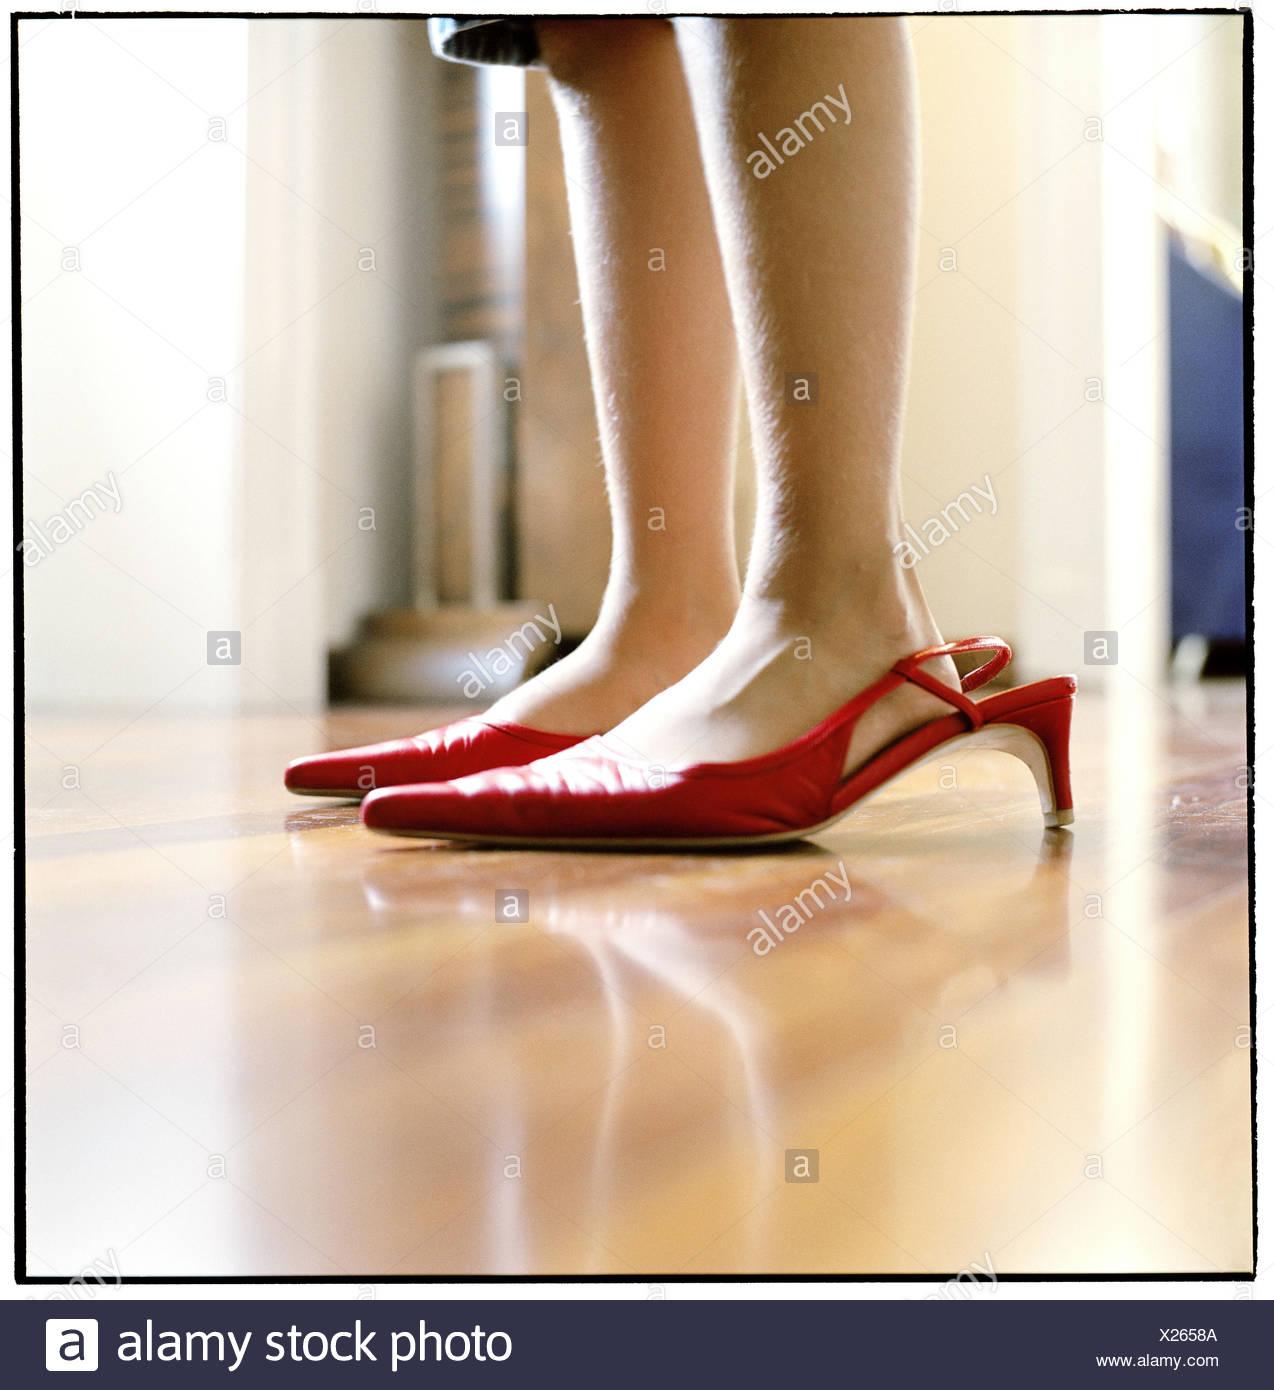 super service spécial chaussure chaussures classiques Petits pieds dans les grandes chaussures rouges Banque D ...